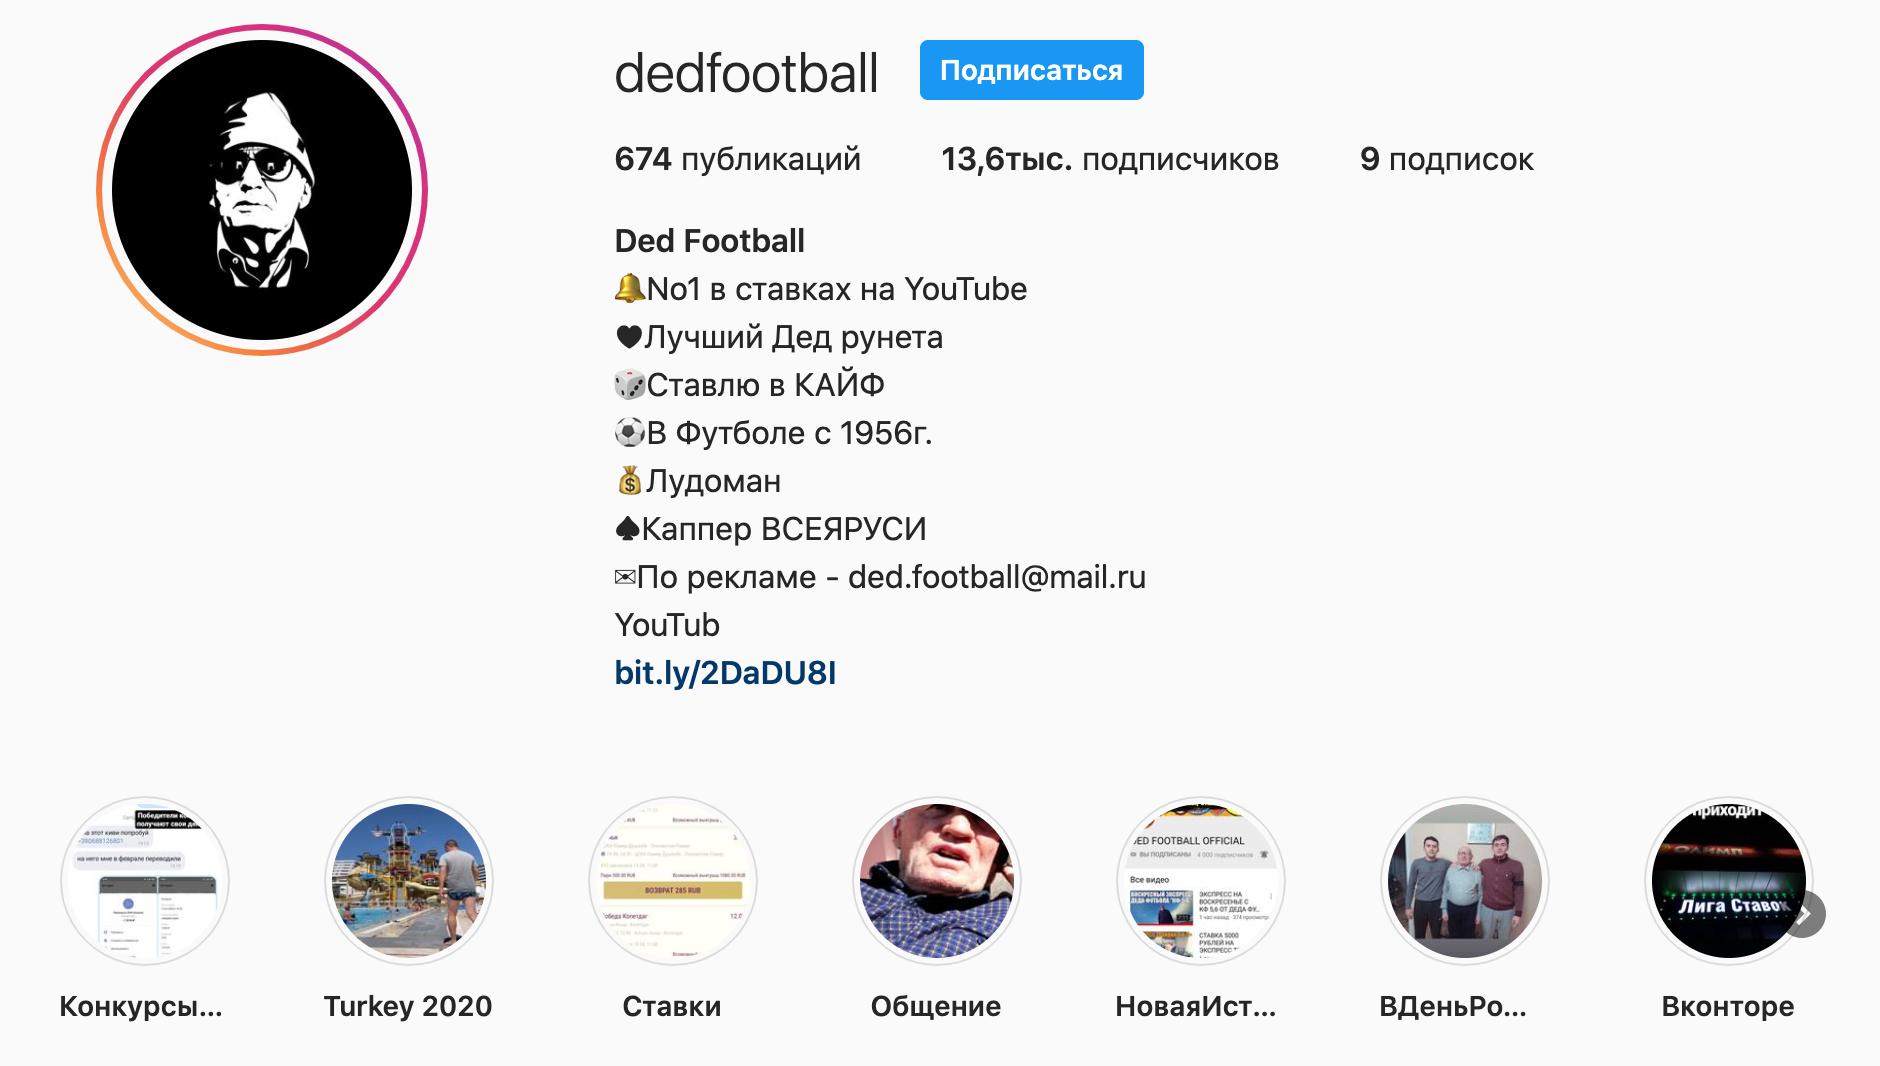 Инстаграм проекта Дед футбол